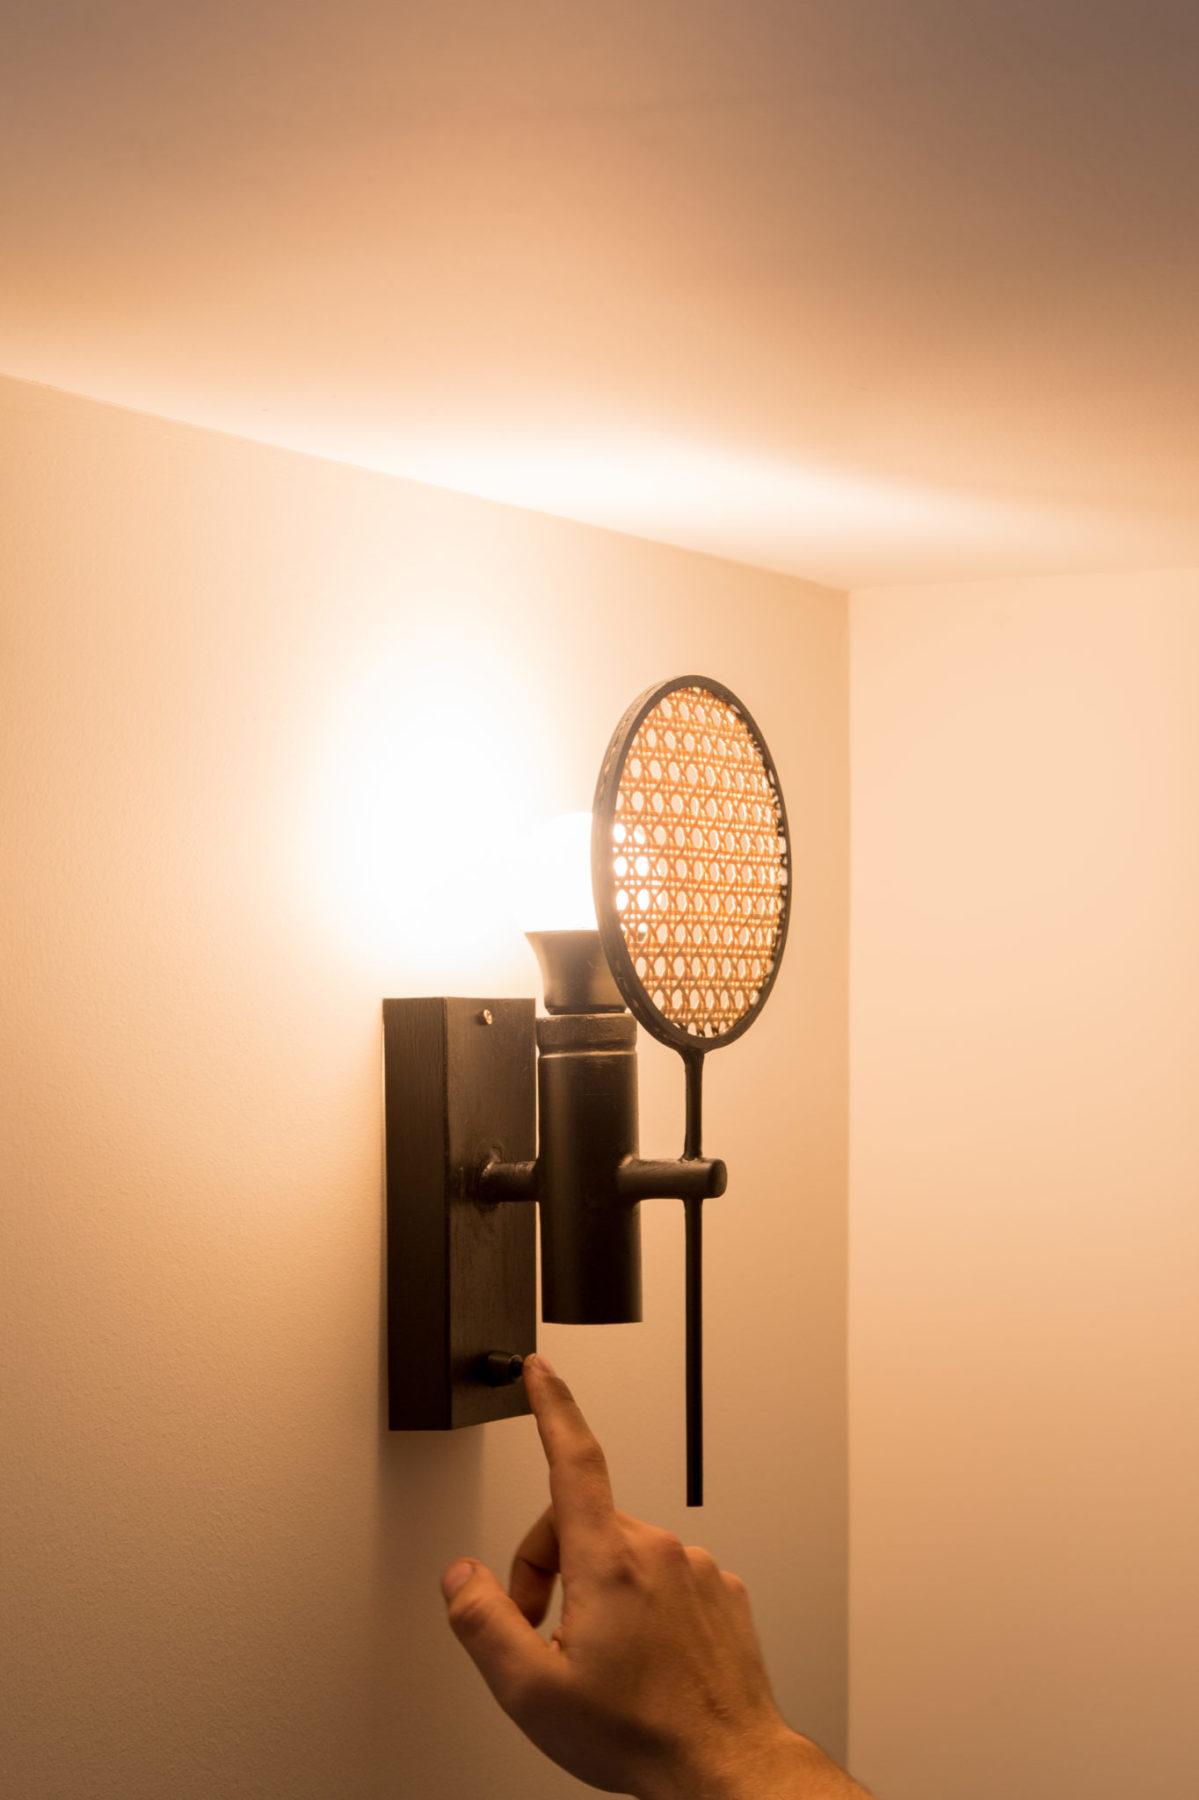 Lampe, applique murale cannage traditionnel en rotin. Vue rapprochée interrupteur